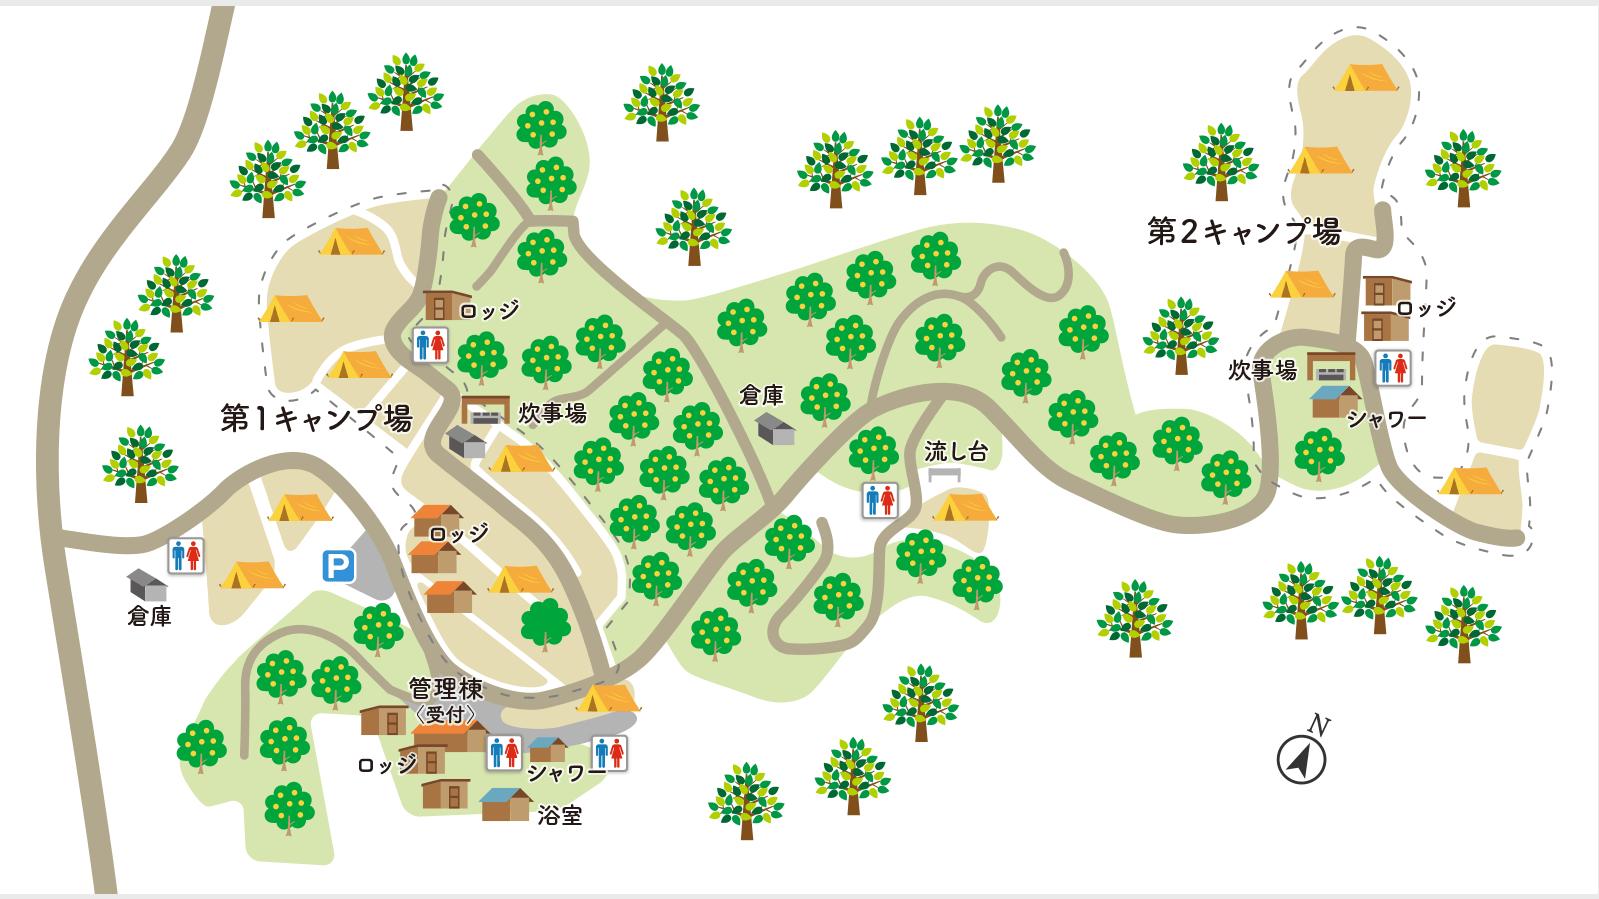 オレンジ村オートキャンプ場サイトマップ